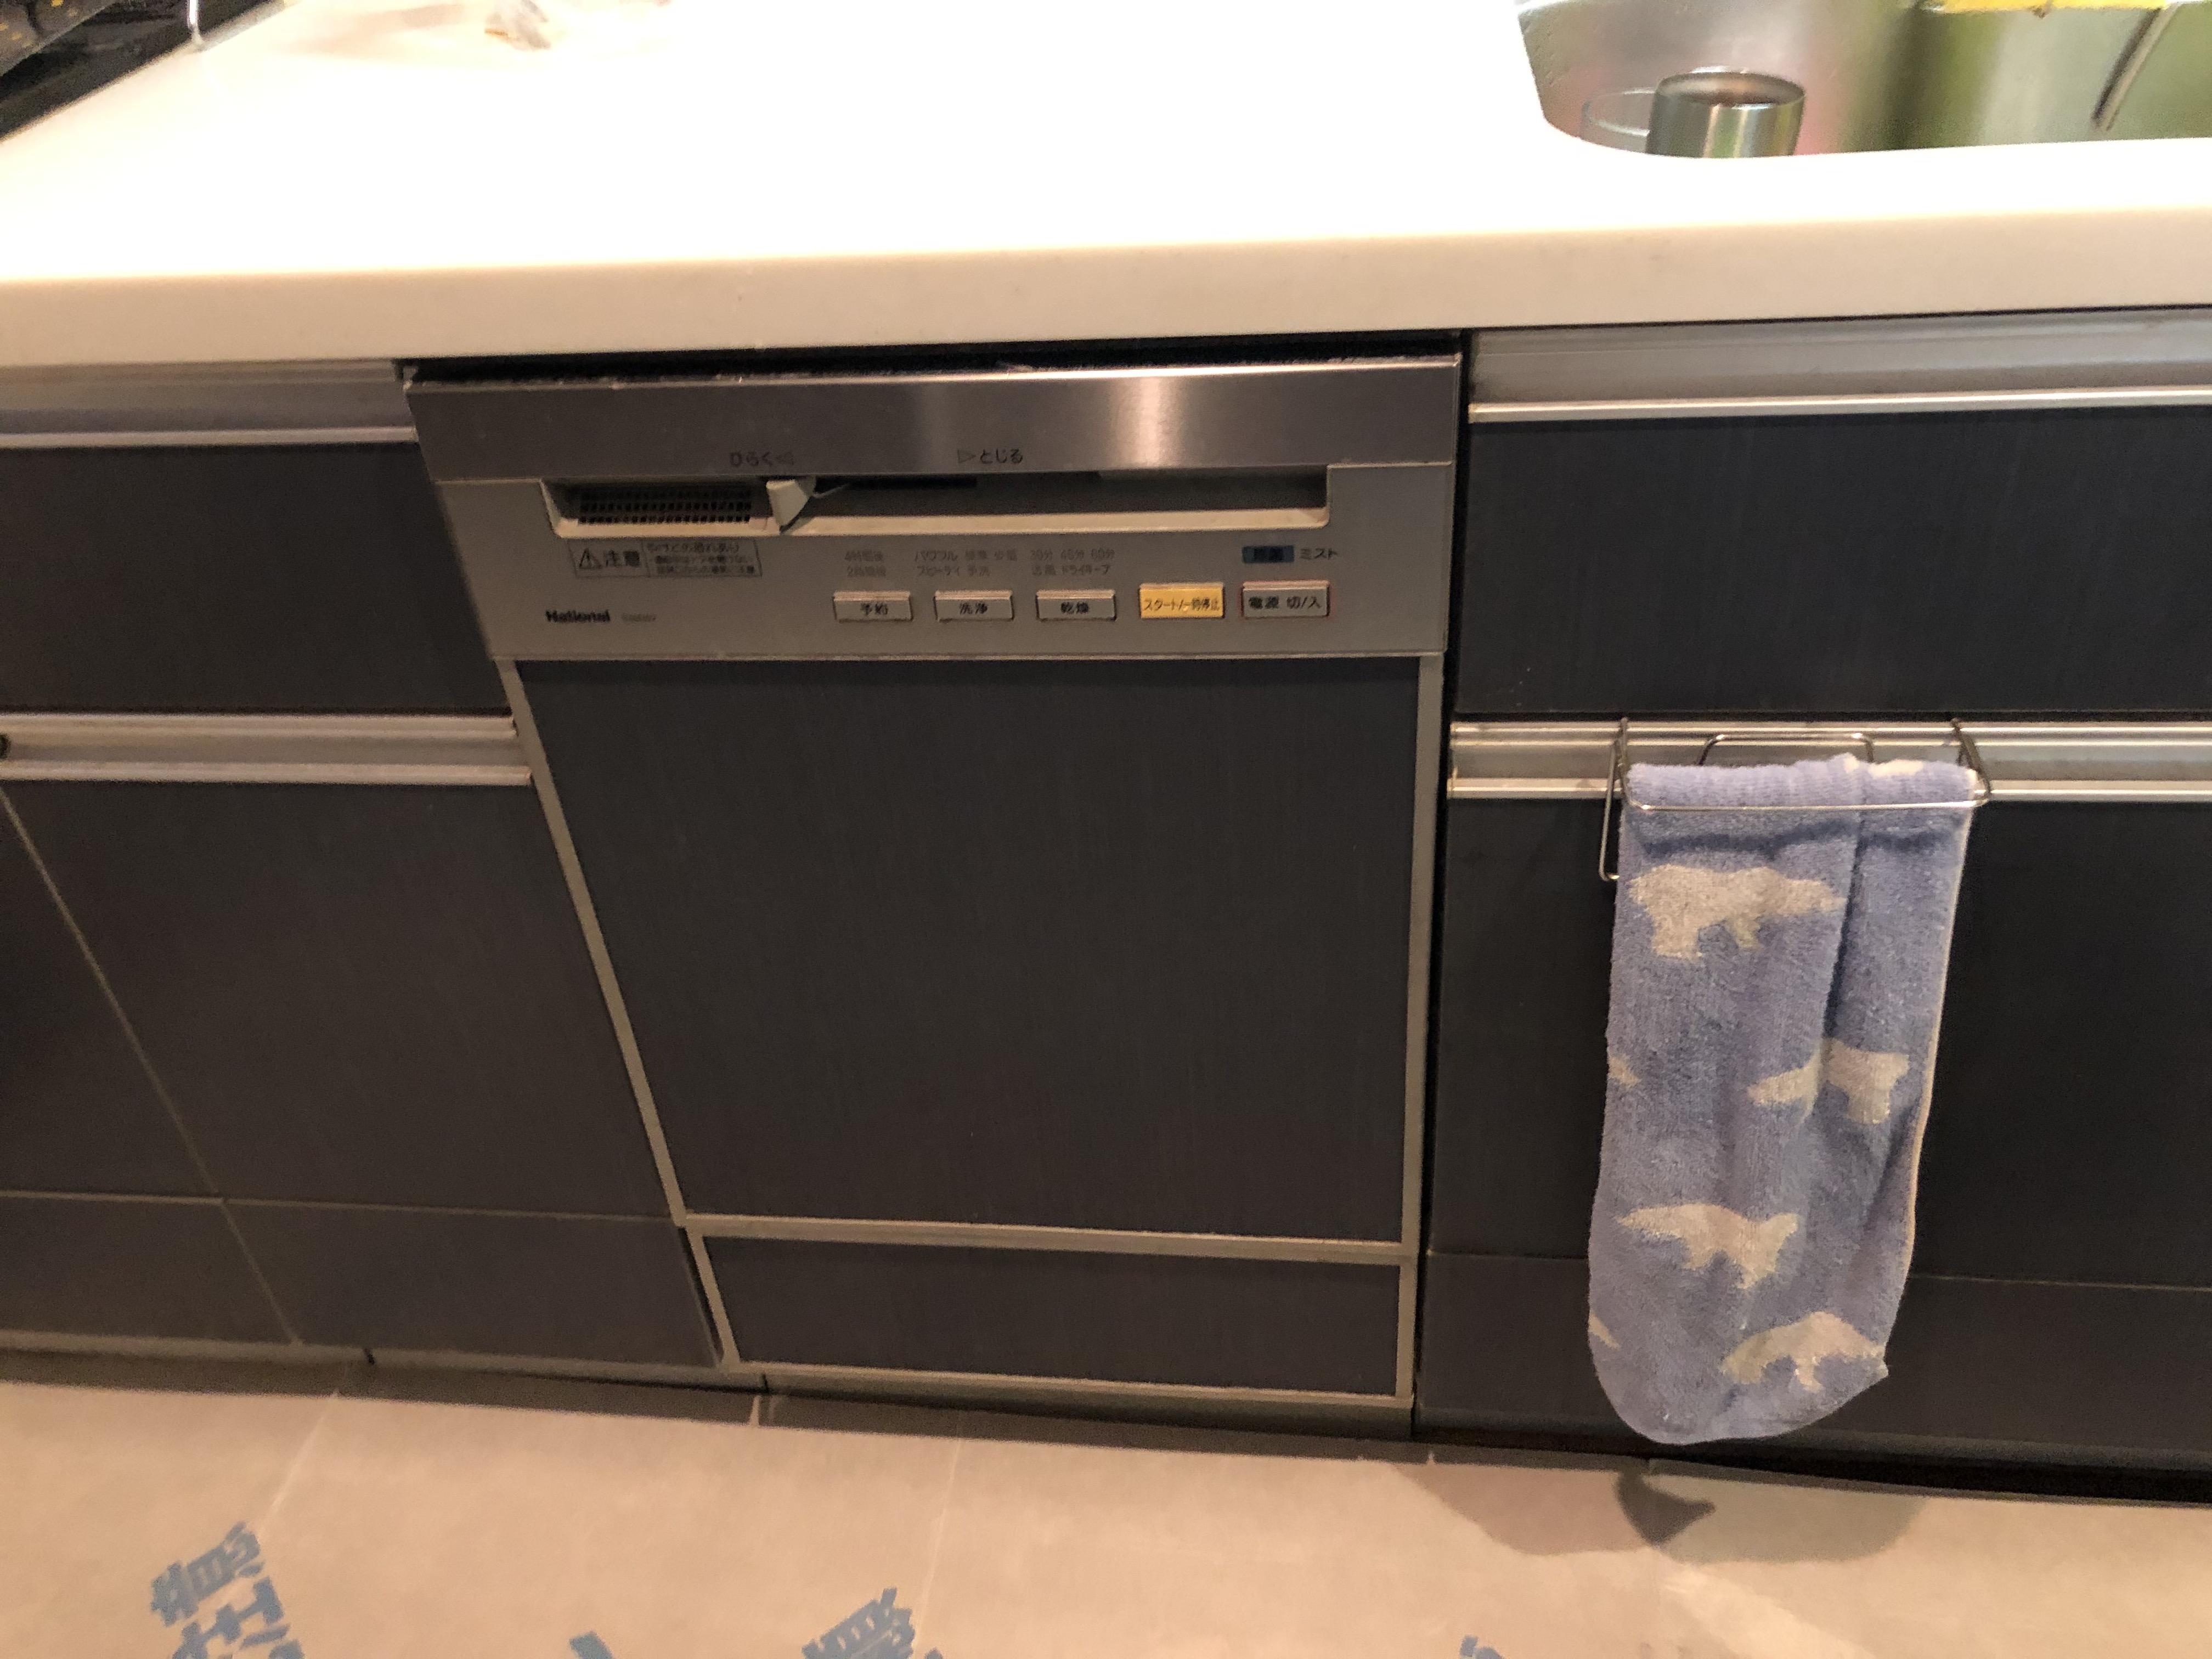 食器洗い乾燥機,食器洗い機,食洗機,買い換え,交換,取り替え,リフォーム,ビルトイン,食洗機交換工事,取り付け,シルバー,パナソニック,NP-45MD8S